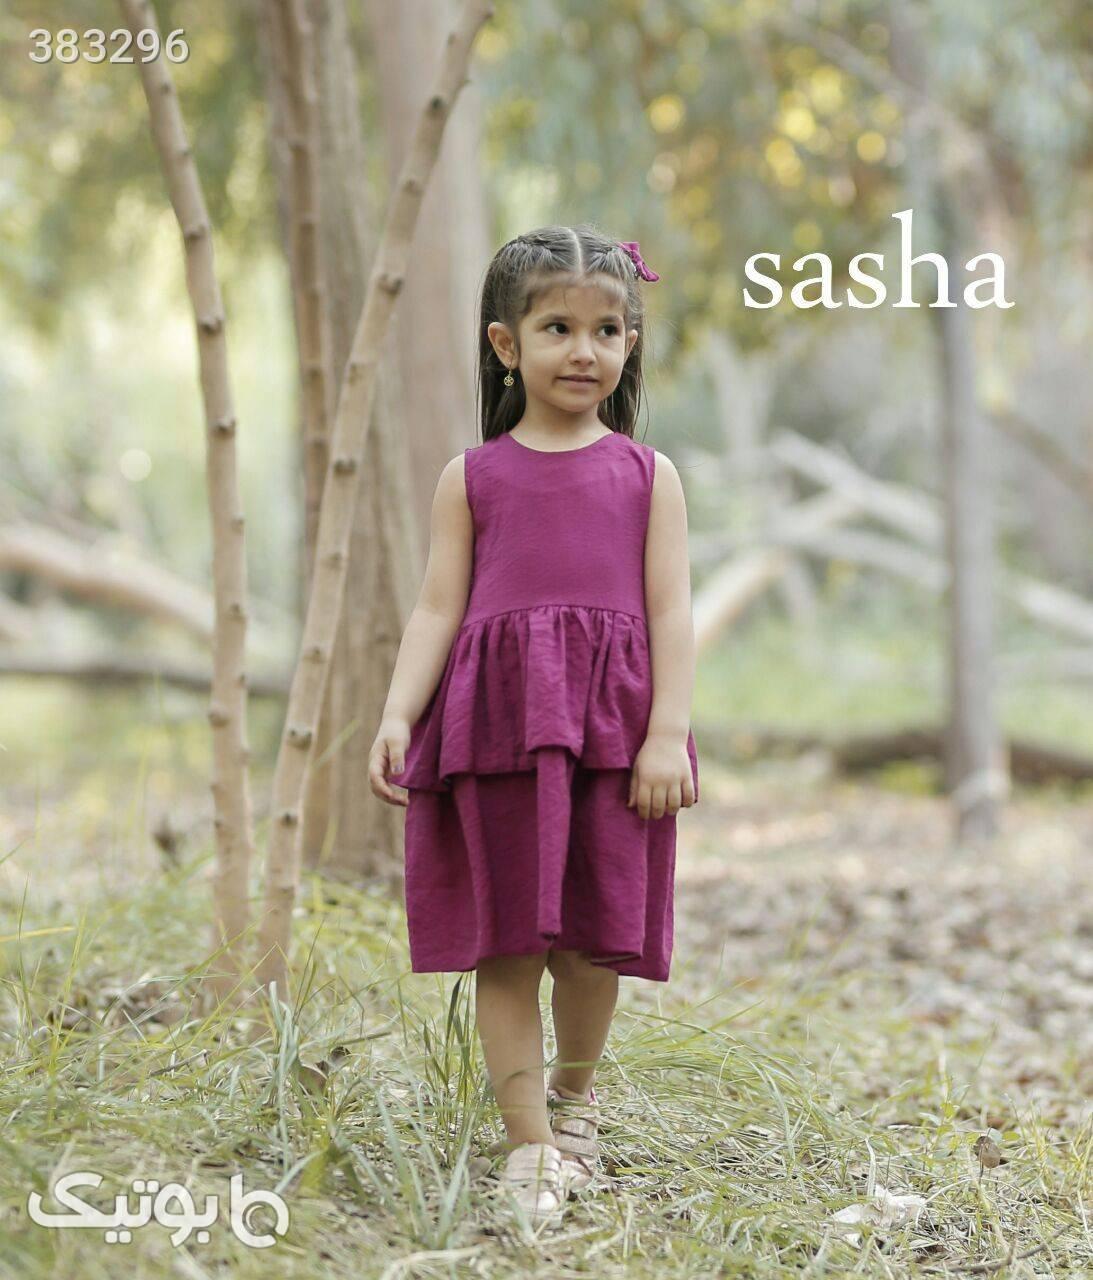 نام طرح : جانان مشکی لباس کودک دخترانه